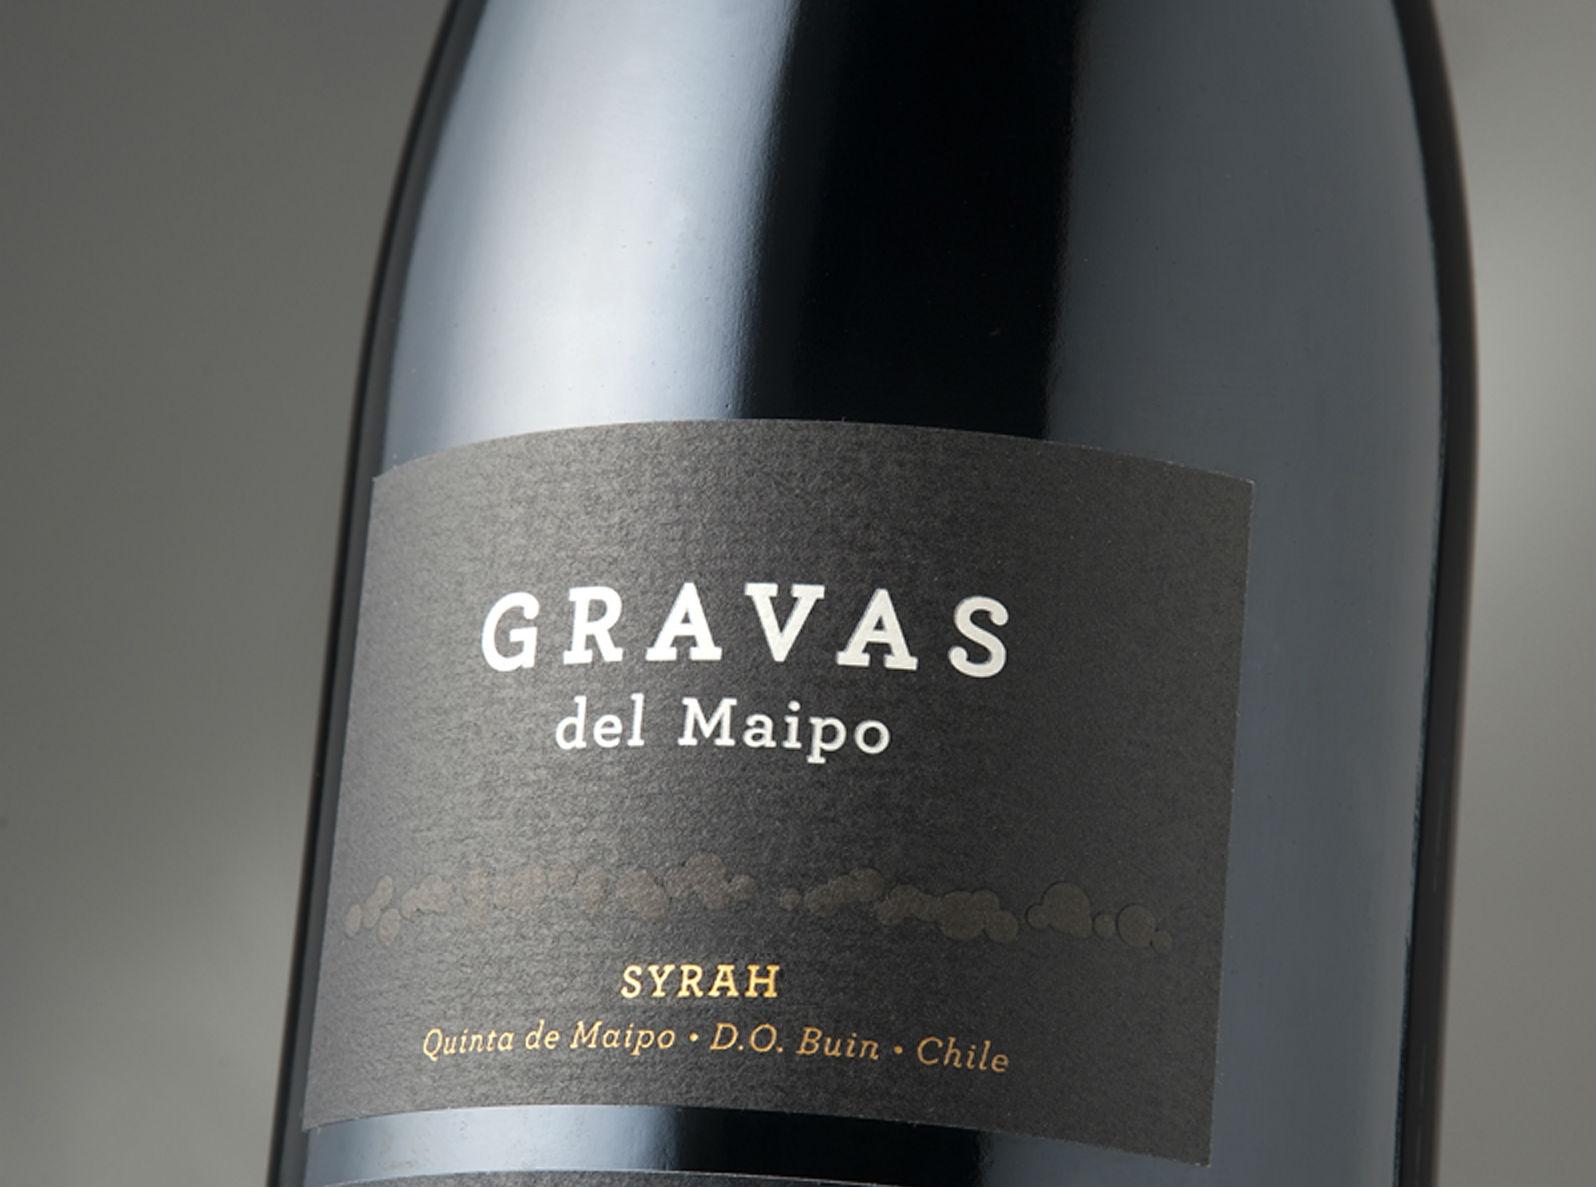 Gravas del Maipo 2016 entre los Top 100 Vinos De Los Andes